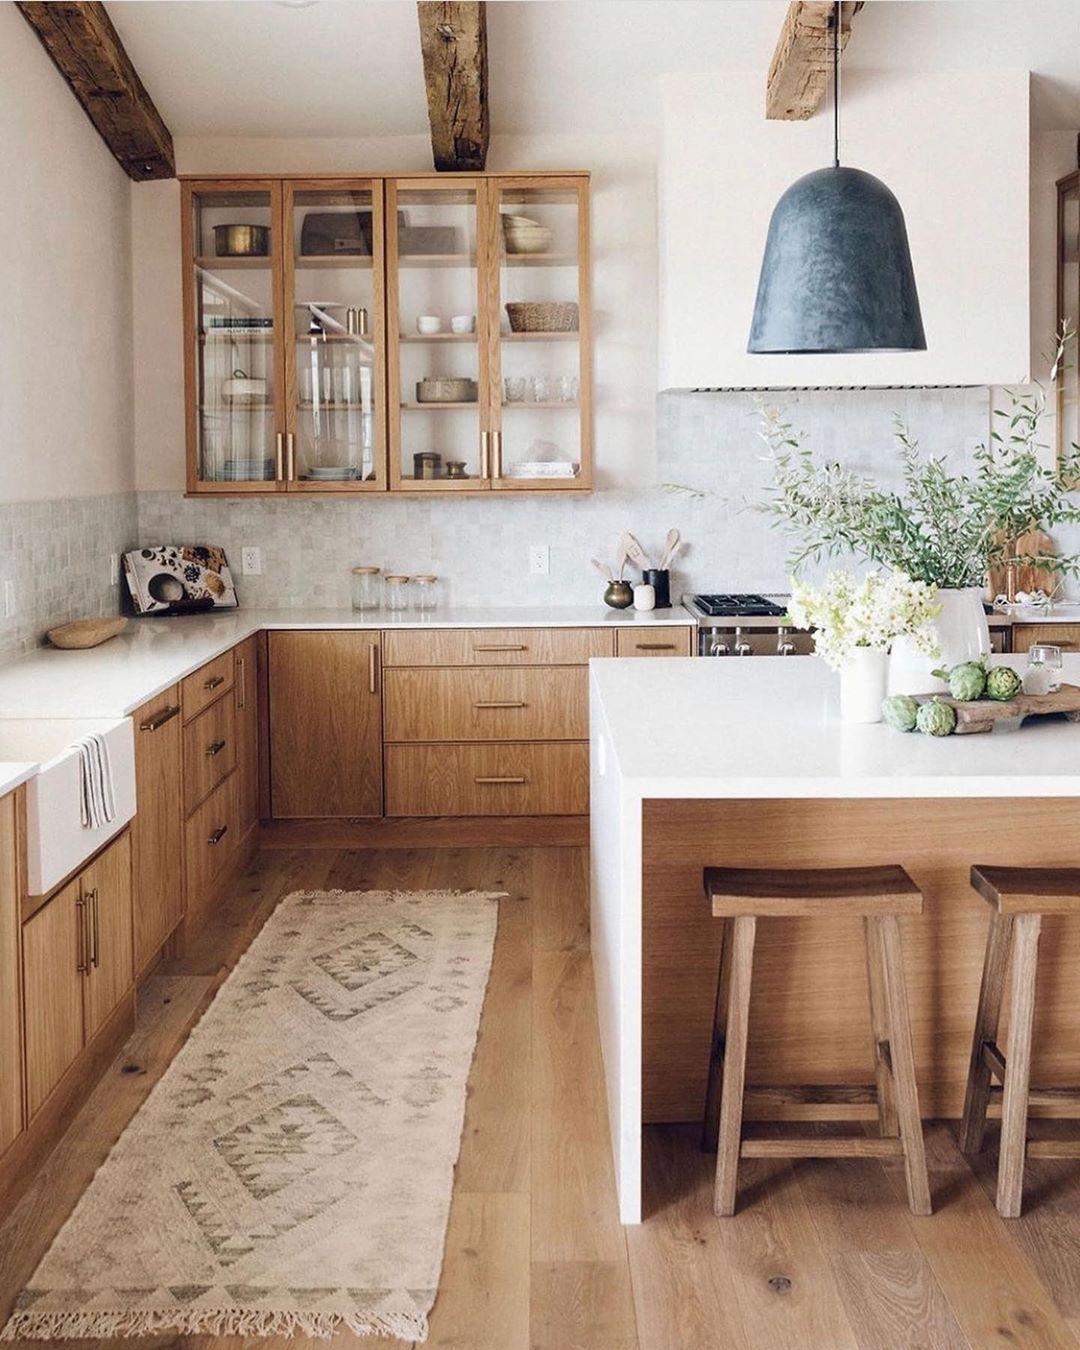 Pin De Alejandro Wignall En Baktun En 2020 Con Imagenes Cocinas Casas Deco